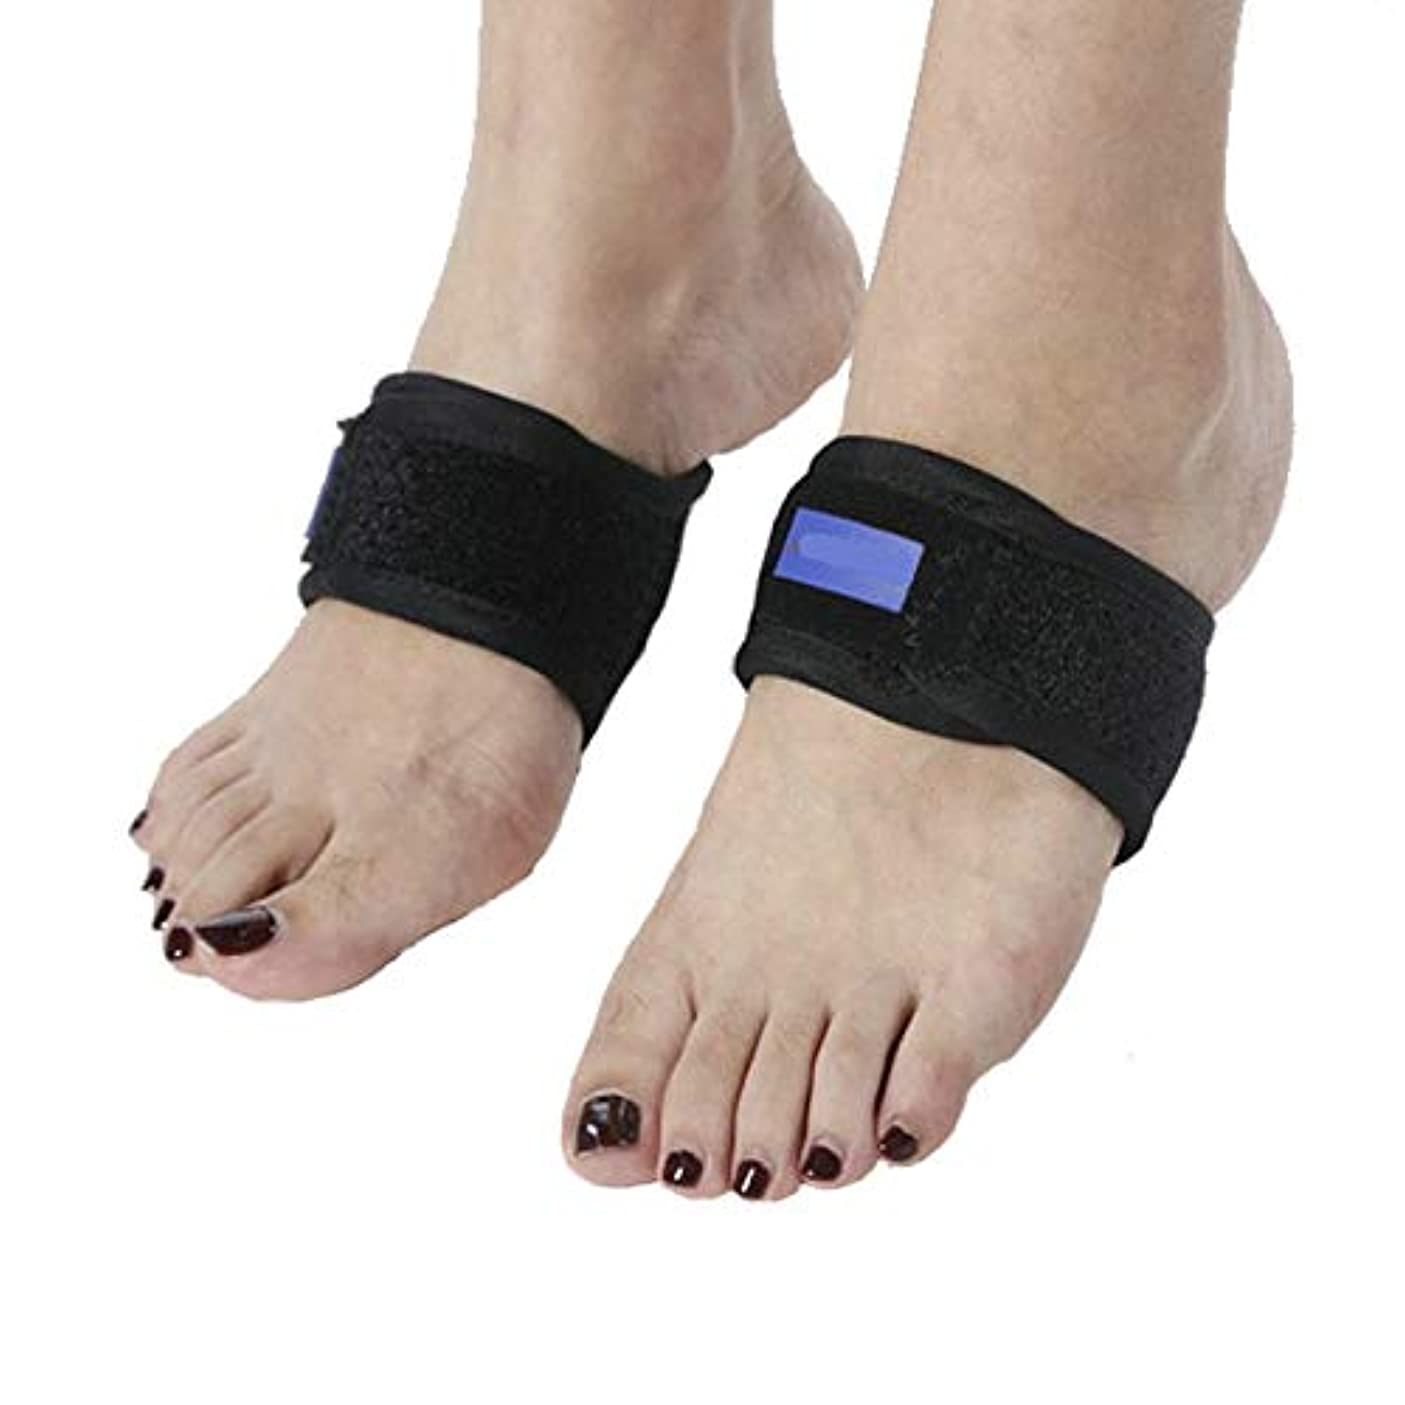 報酬の落ちた直感足首固定フットレスト、調節可能な足底筋膜炎ナイトスプリント足垂れ下がった器具、平らな足、高いまたは倒れたアーチ、かかとの痛みを軽減